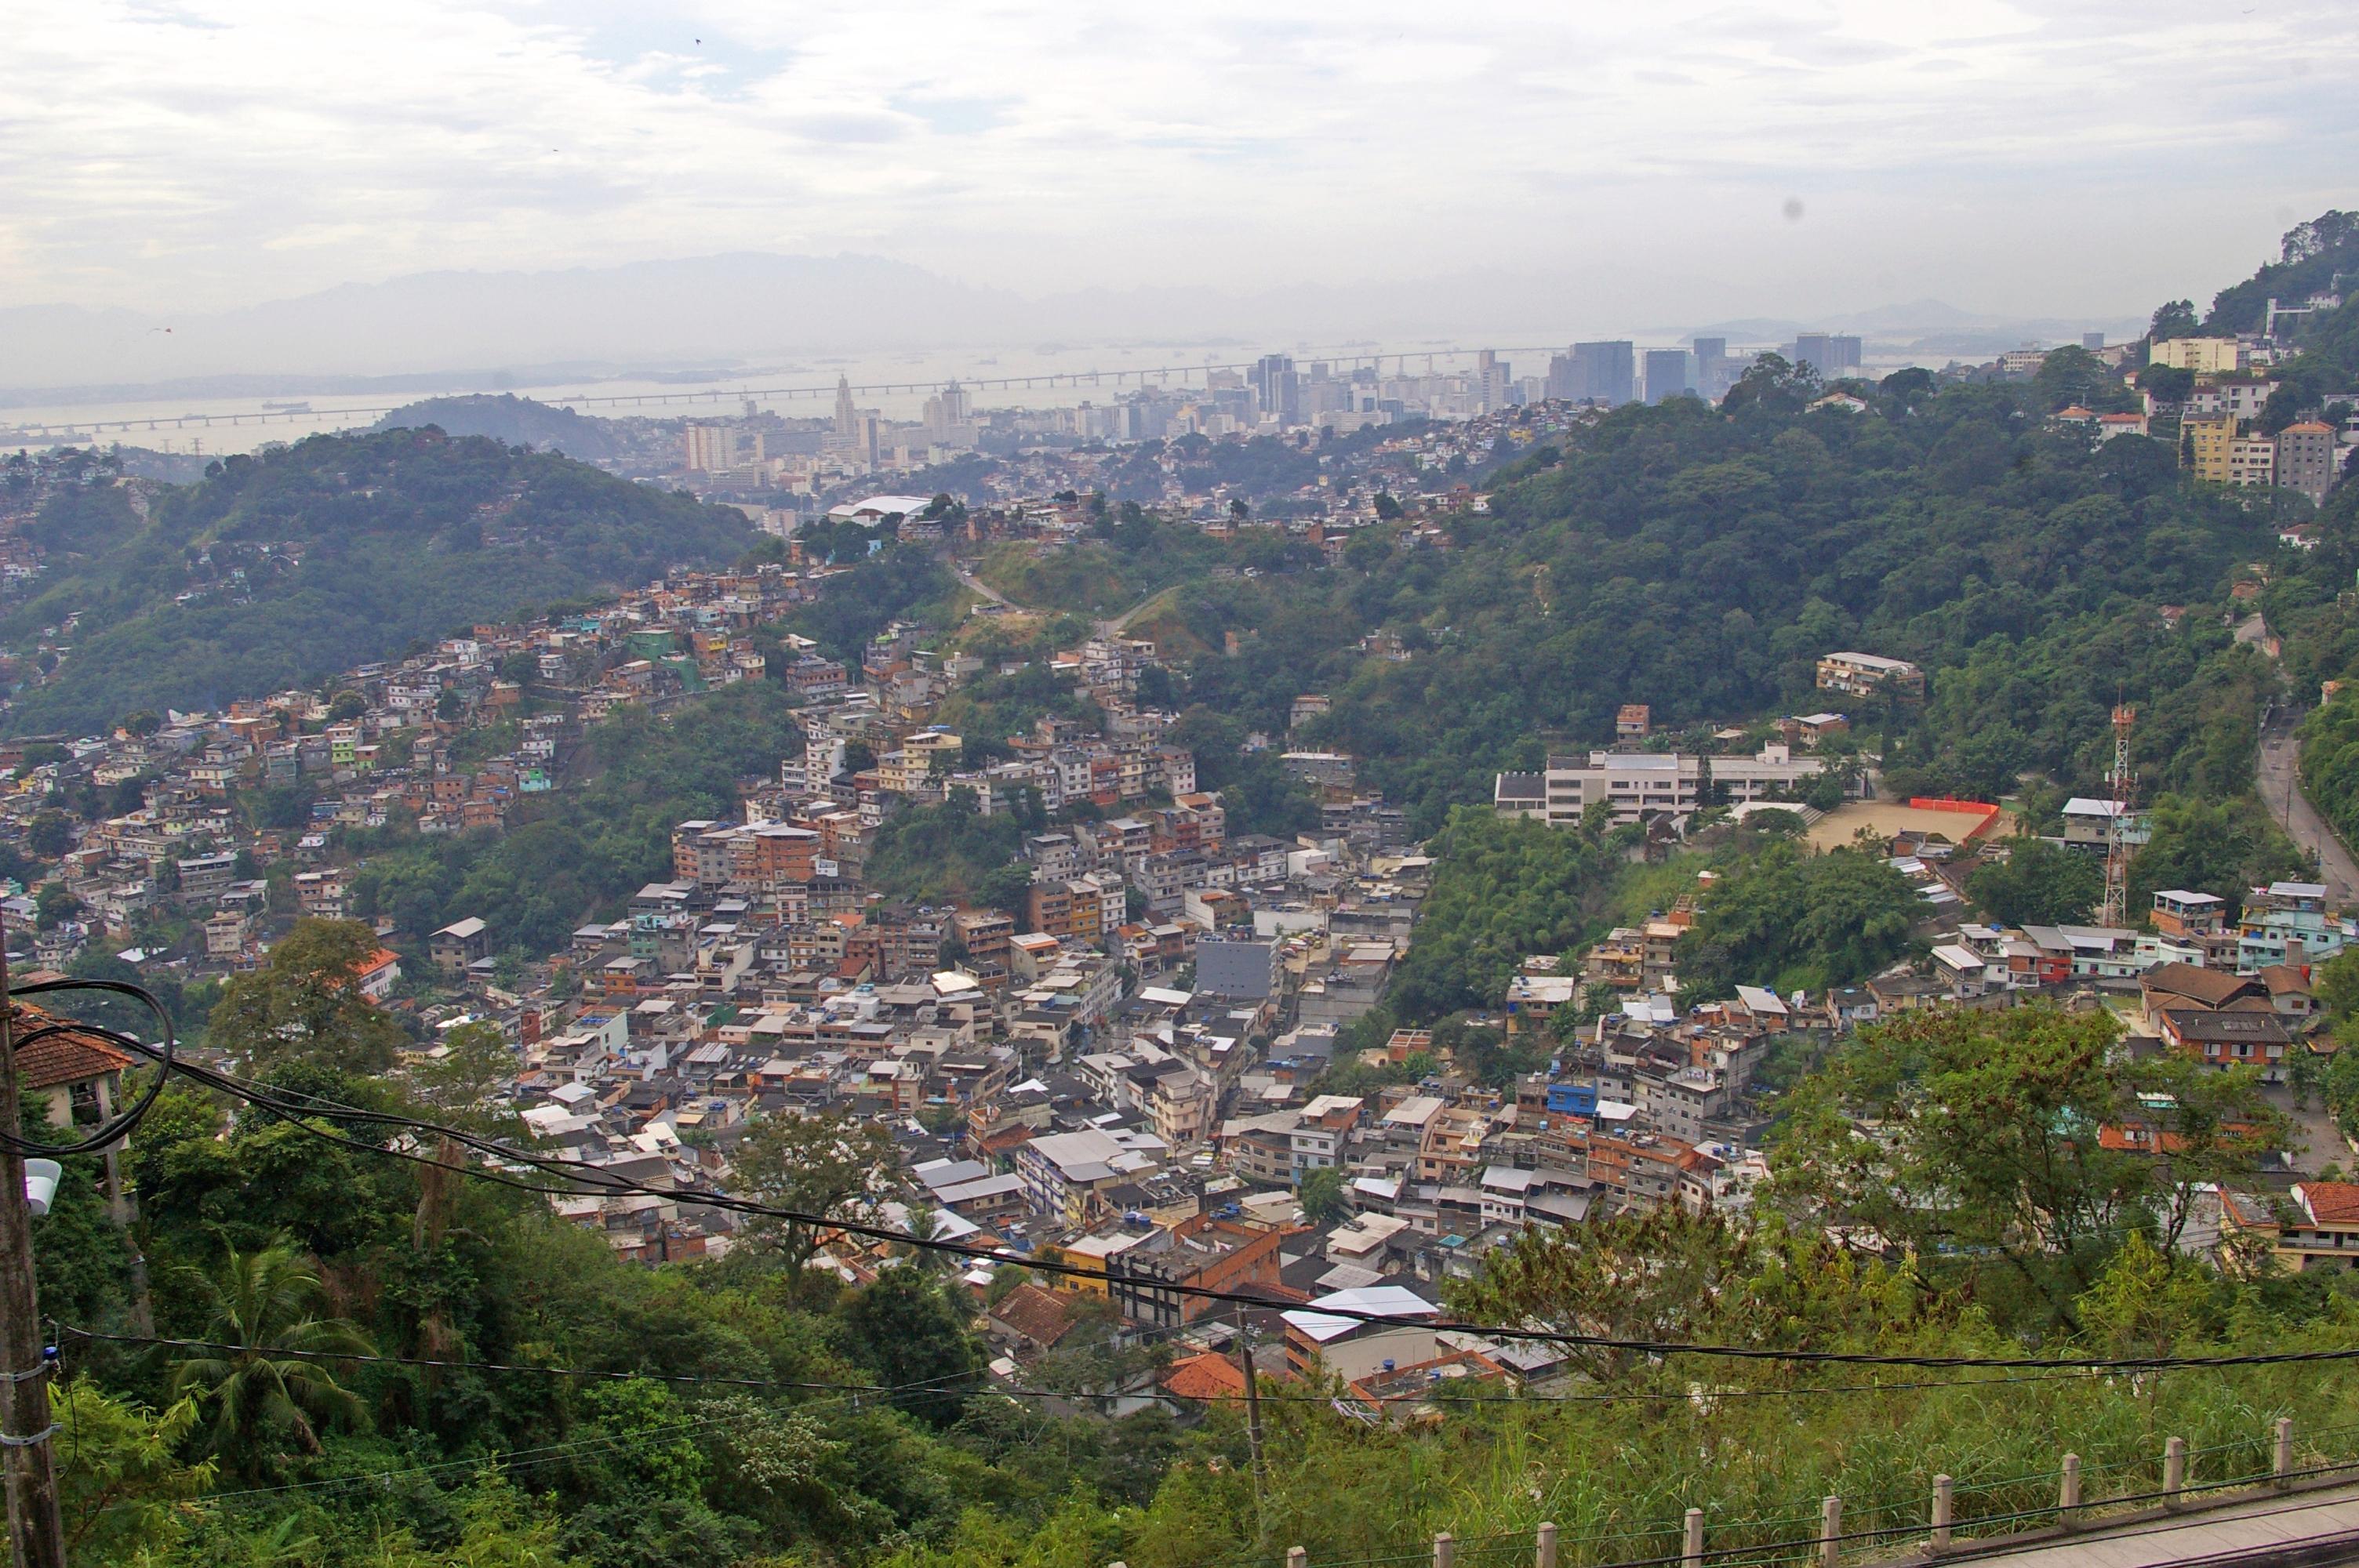 Favela Santa Teresa - Combien de délégués se sont risqué dans les ruelles des favelas où l'on ne risque plus rien ?